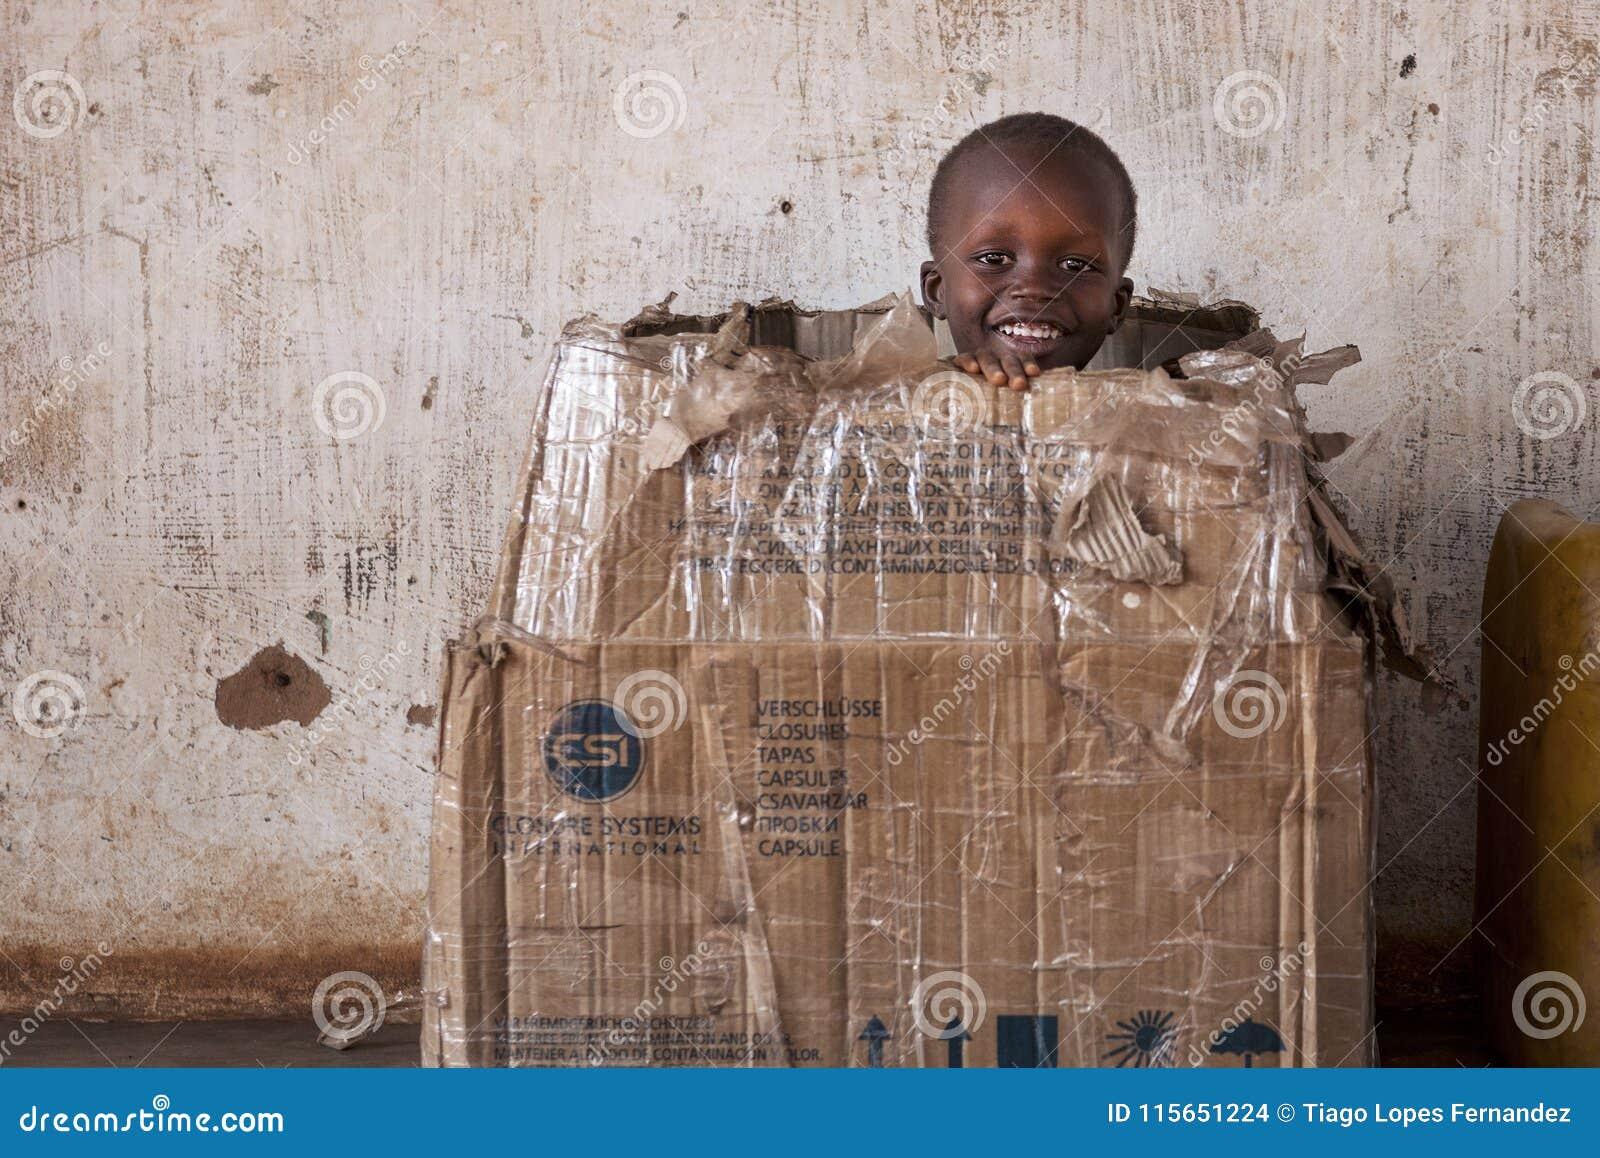 Πορτρέτο ενός νέου αγοριού που παίζει σε ένα κιβώτιο καρτών στην πόλη Nhacra στη Γουινέα-Μπισσάου